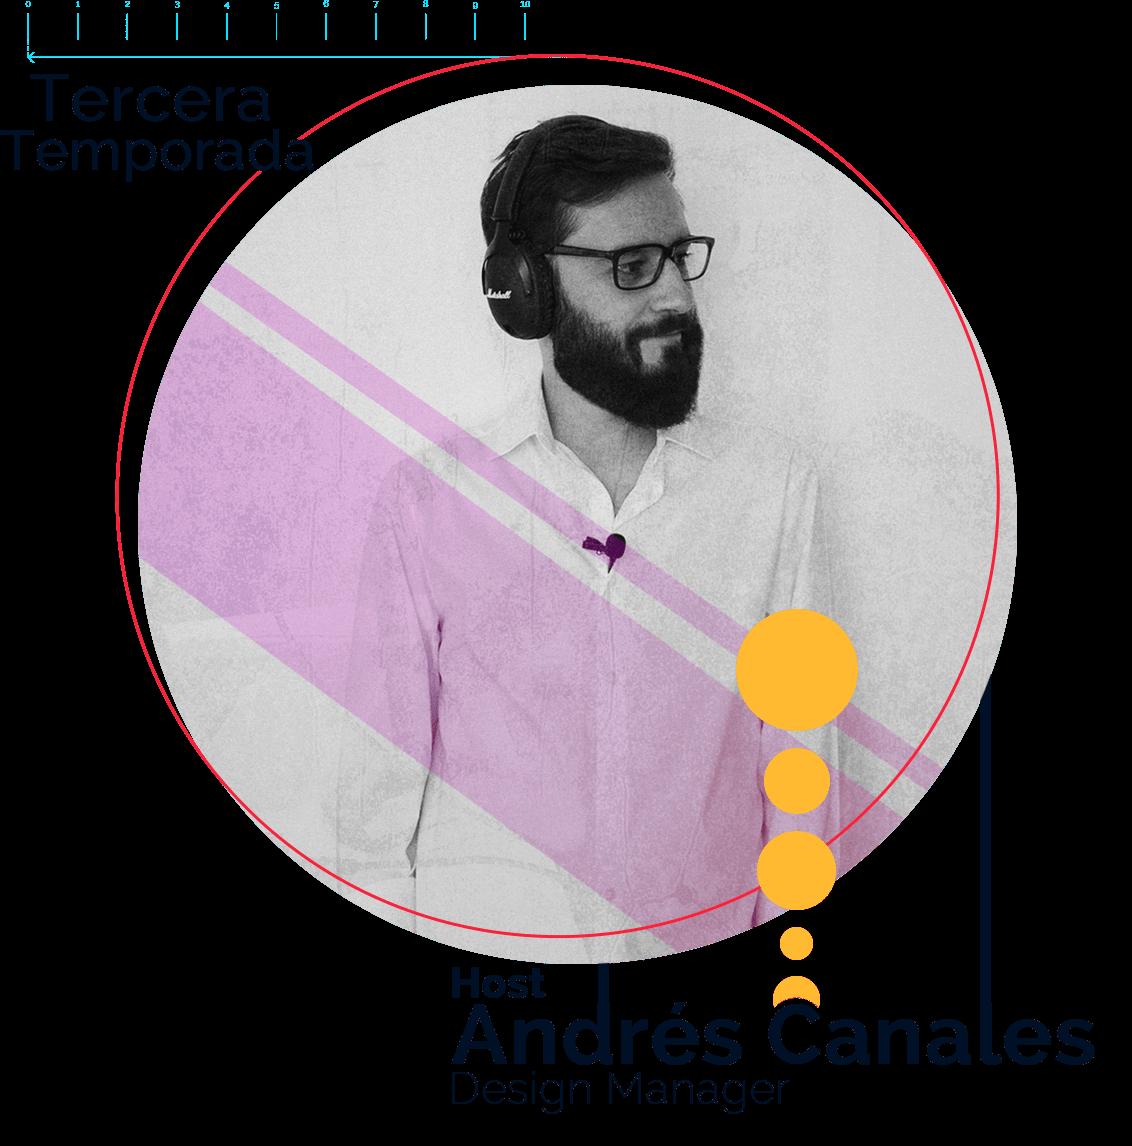 Andrés-Canales-Host-de-A-World-of-wellness